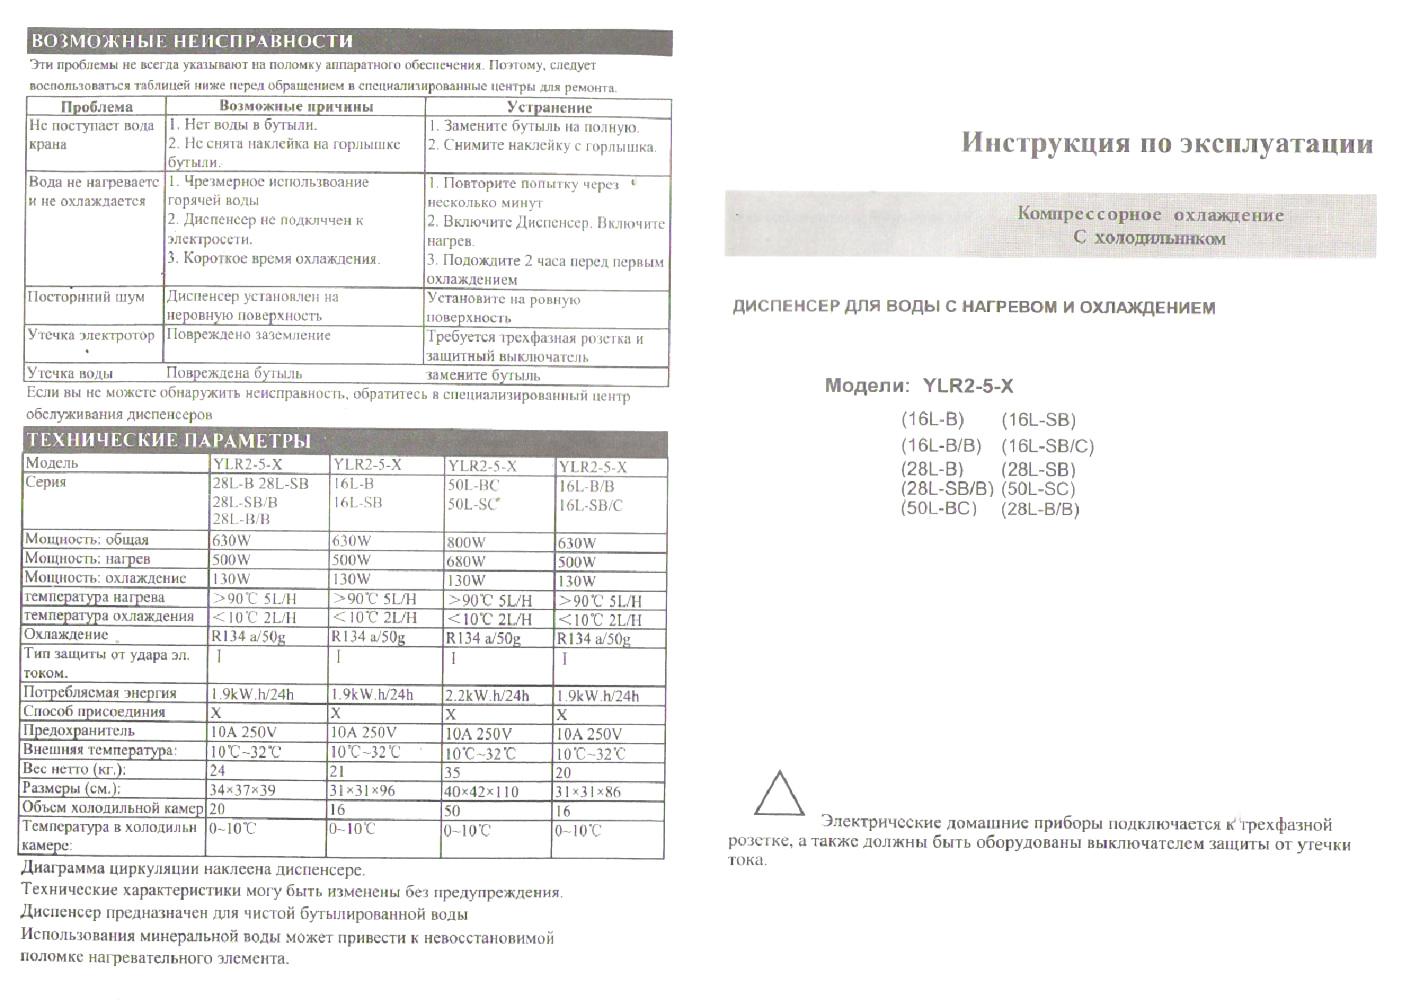 кулер Aqua Work 50-L-B/C паспорт